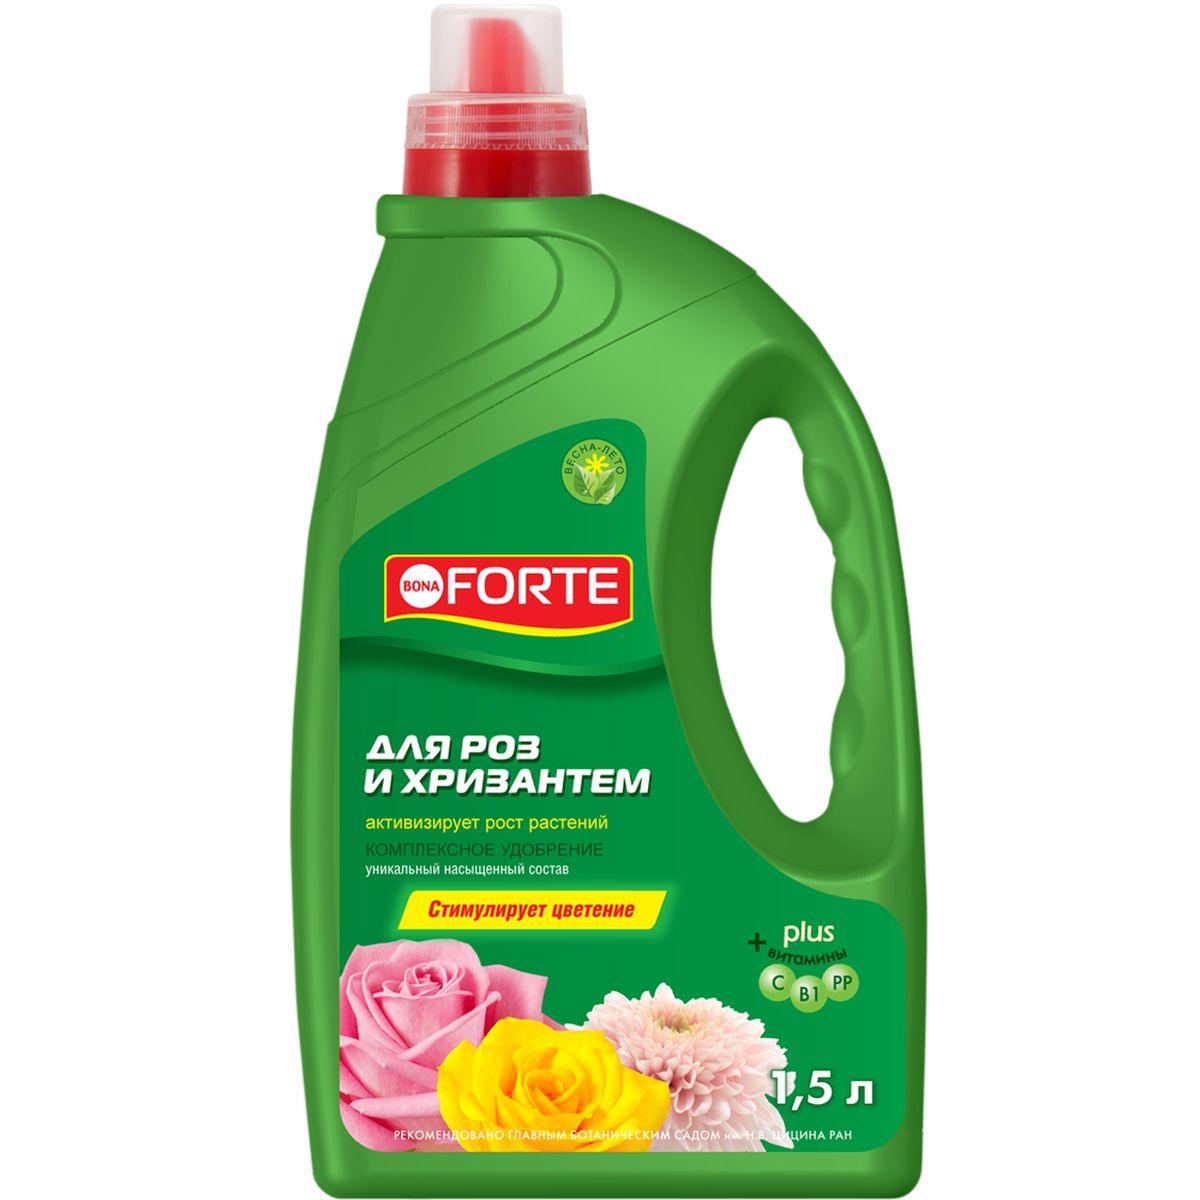 Жидкое комплексное удобрение Bona Forte, для роз и хризантем, 1,5 лC0042416Bona Forte жидкое комплексное удобрениеДля роз и хризантем стимулирует повторную бутонизацию, способствует продолжительному цветению, делает яркими и сочными лепестки соцветий.Содержит полный комплекс веществ, необходимых для полноценного и сбалансированного питания растений: высокая доля (15 %) основных элементов (NPK), обеспечивающих сбалансированное питание роз и хризантем; высокая доля (0,6 %) мезоэлемента (Mg), который способствует образованию сильных красивых цветков, повышает устойчивость к неблагоприятным внешним условиям и обеспечивает длительное цветение растений; комплекс основных микроэлементов в хелатной форме, что способствует полному их усвоению и пролонгированному действию; комплекс витаминов для поддержания и укрепления иммунной системы растений; регулятор роста для стимулирования роста роз и хризантем.